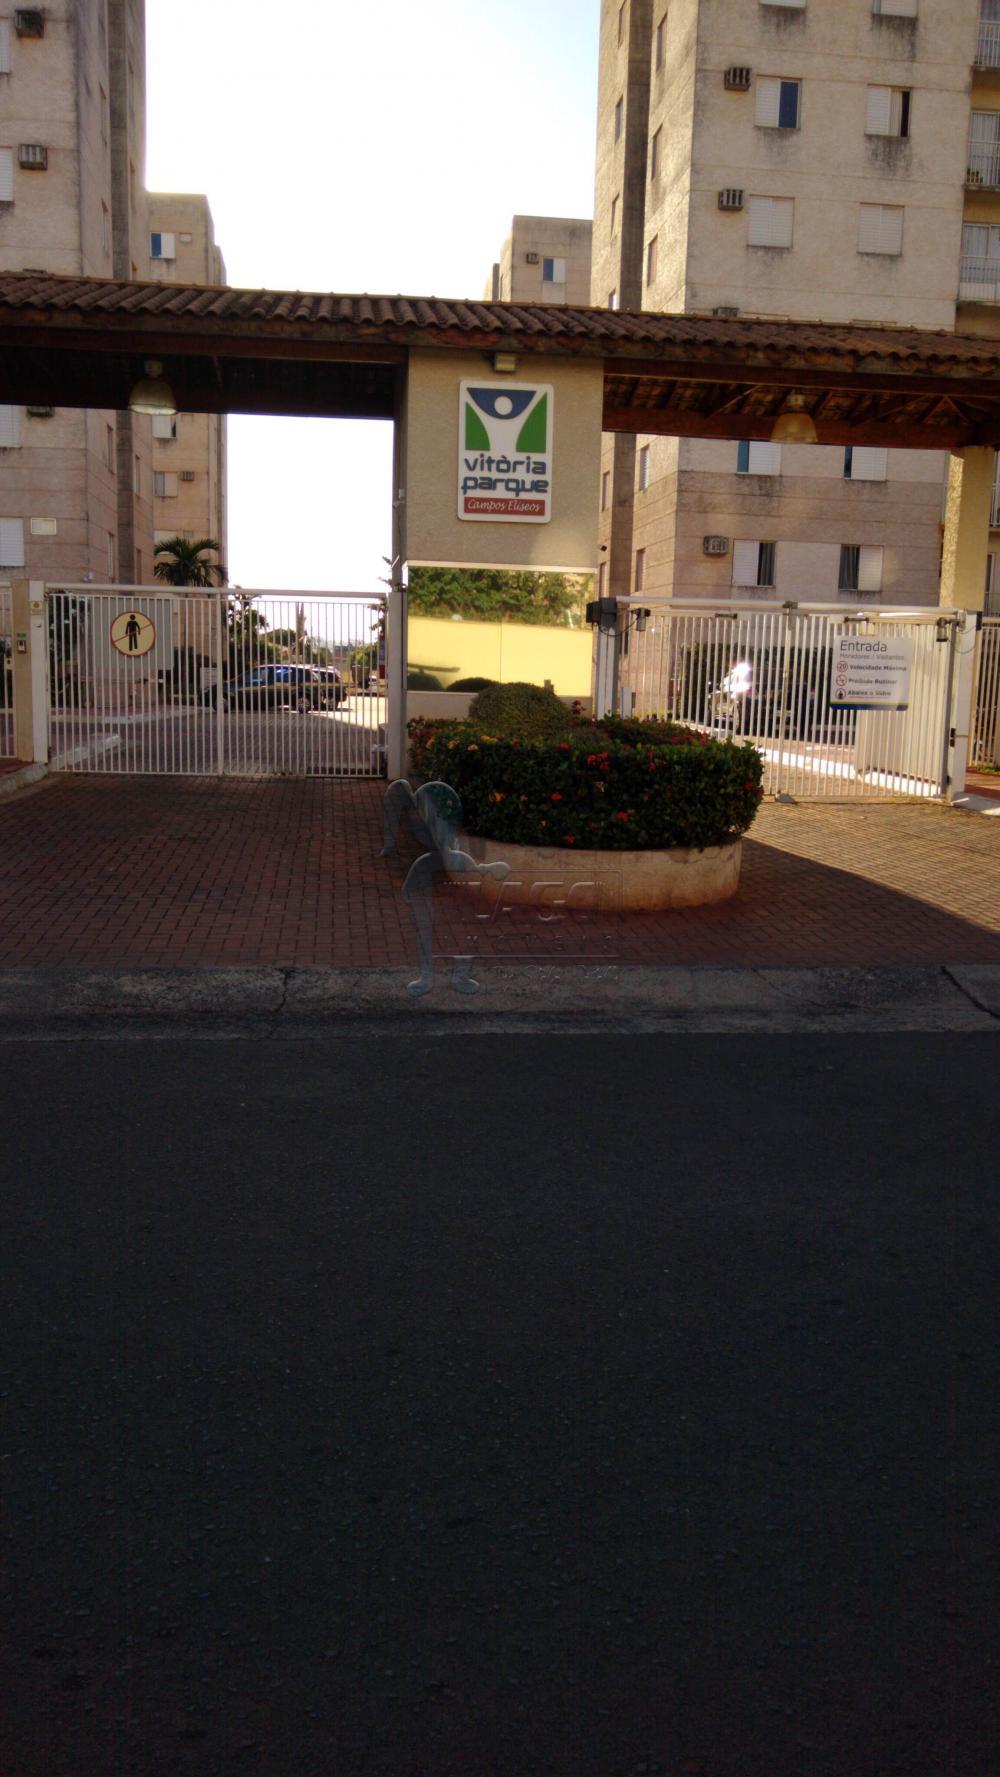 Comprar Apartamento / Padrão em Ribeirão Preto apenas R$ 200.000,00 - Foto 31